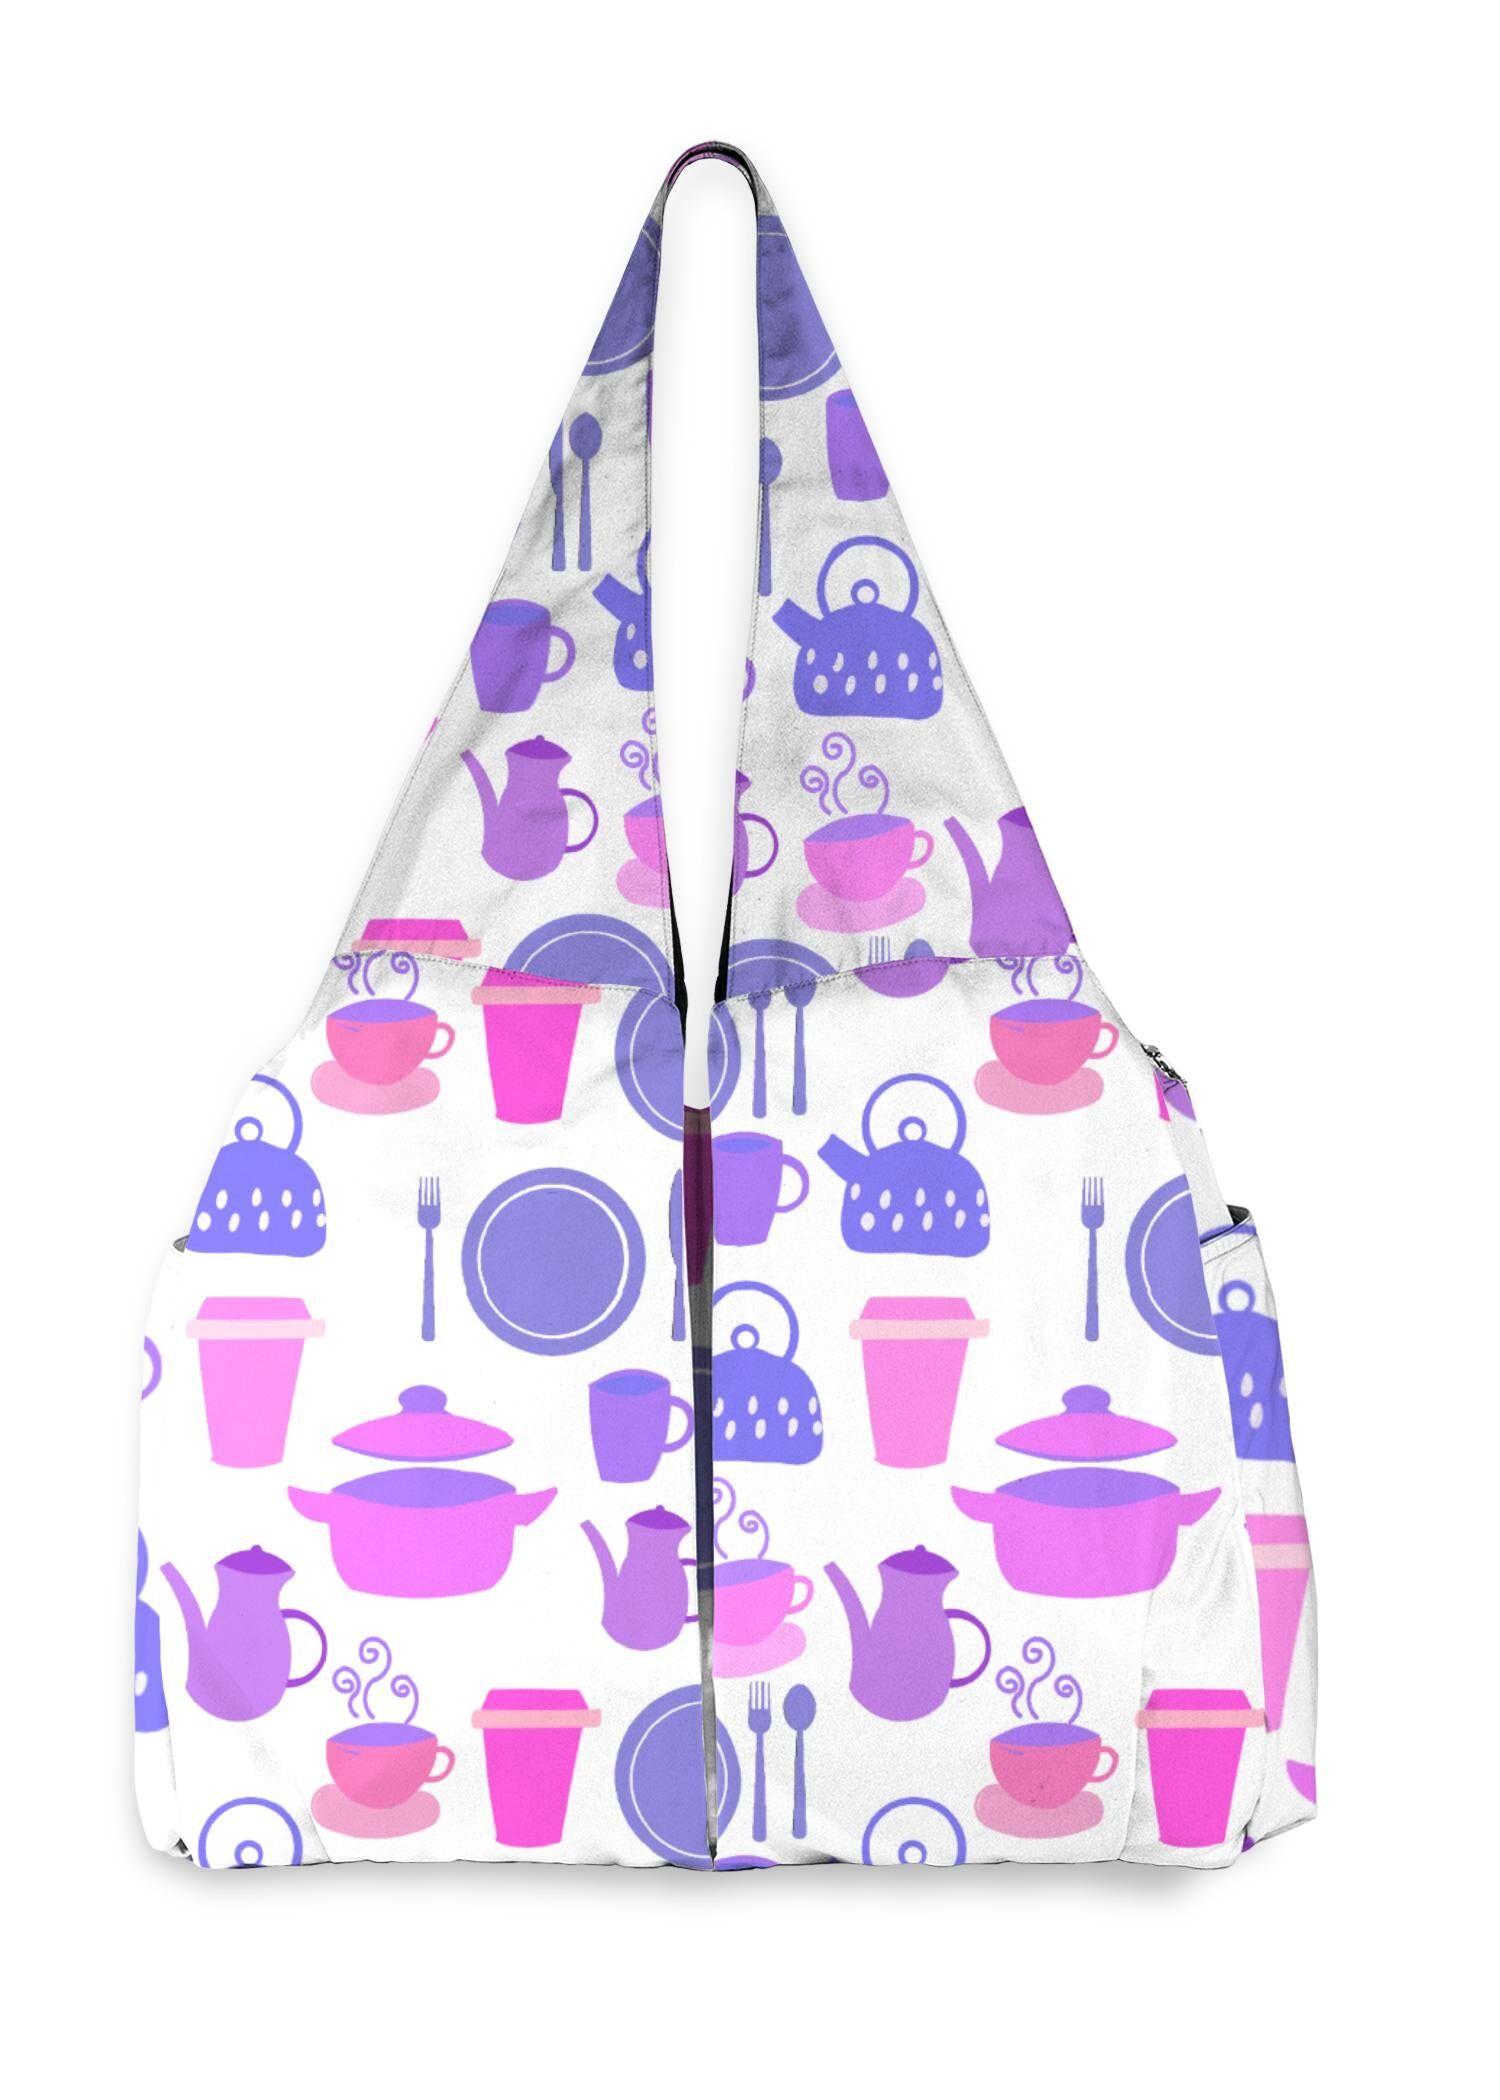 VIDA Studio Bag - Kitchen Equipment (White) by VIDA Original Artist  - Size: One Size